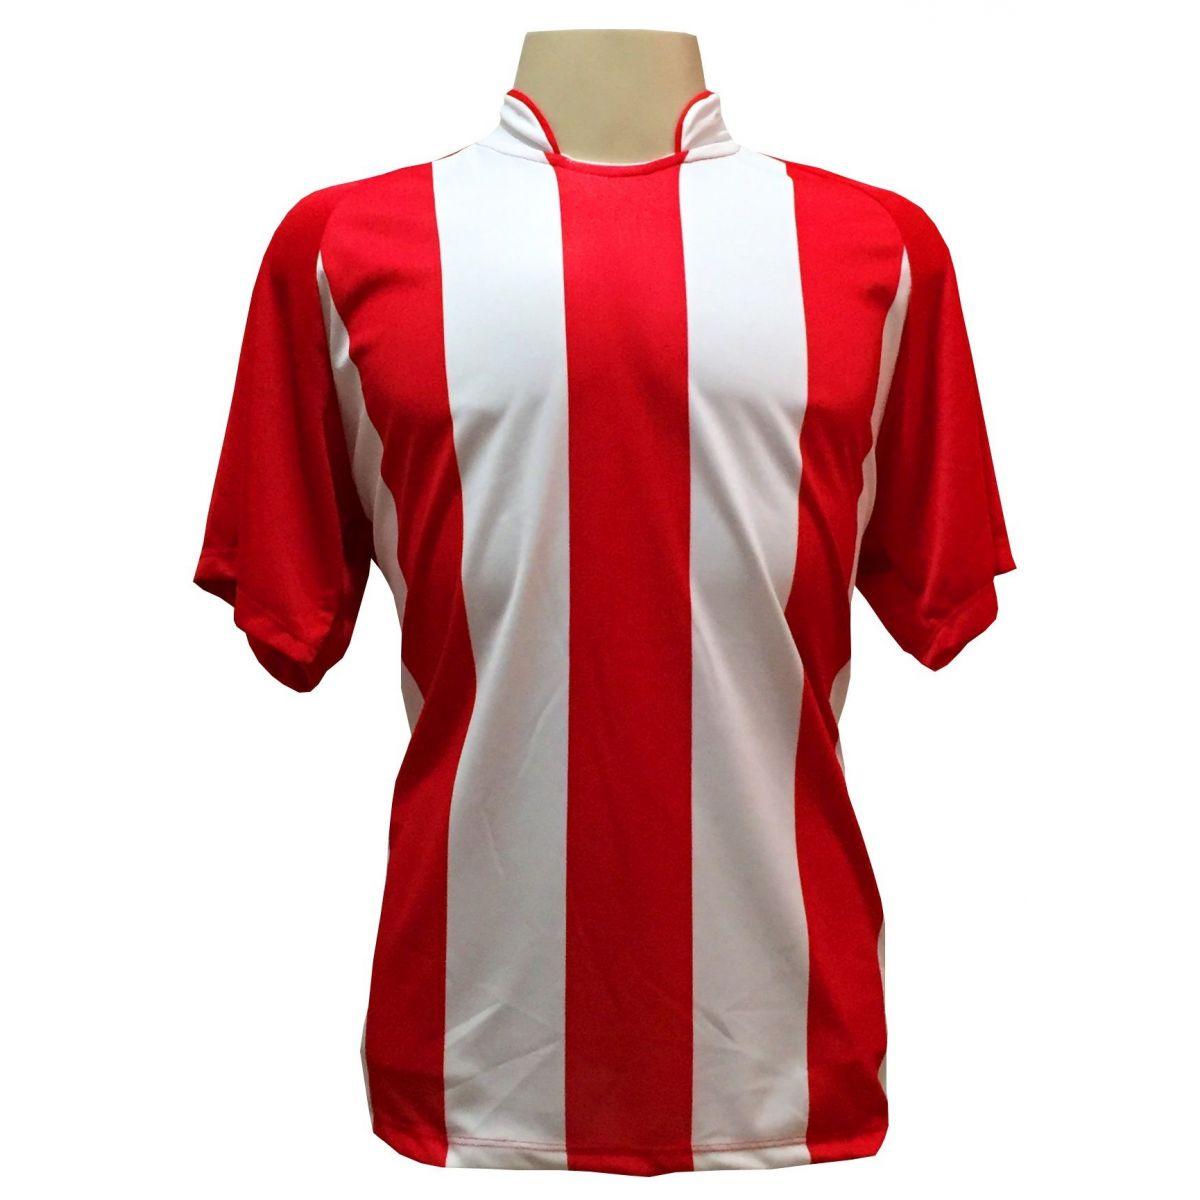 Uniforme Esportivo com 12 Camisas modelo Milan Vermelho/Branco + 12 Calções modelo Copa Royal/Branco + 12 Pares de meiões Vermelho   - ESTAÇÃO DO ESPORTE